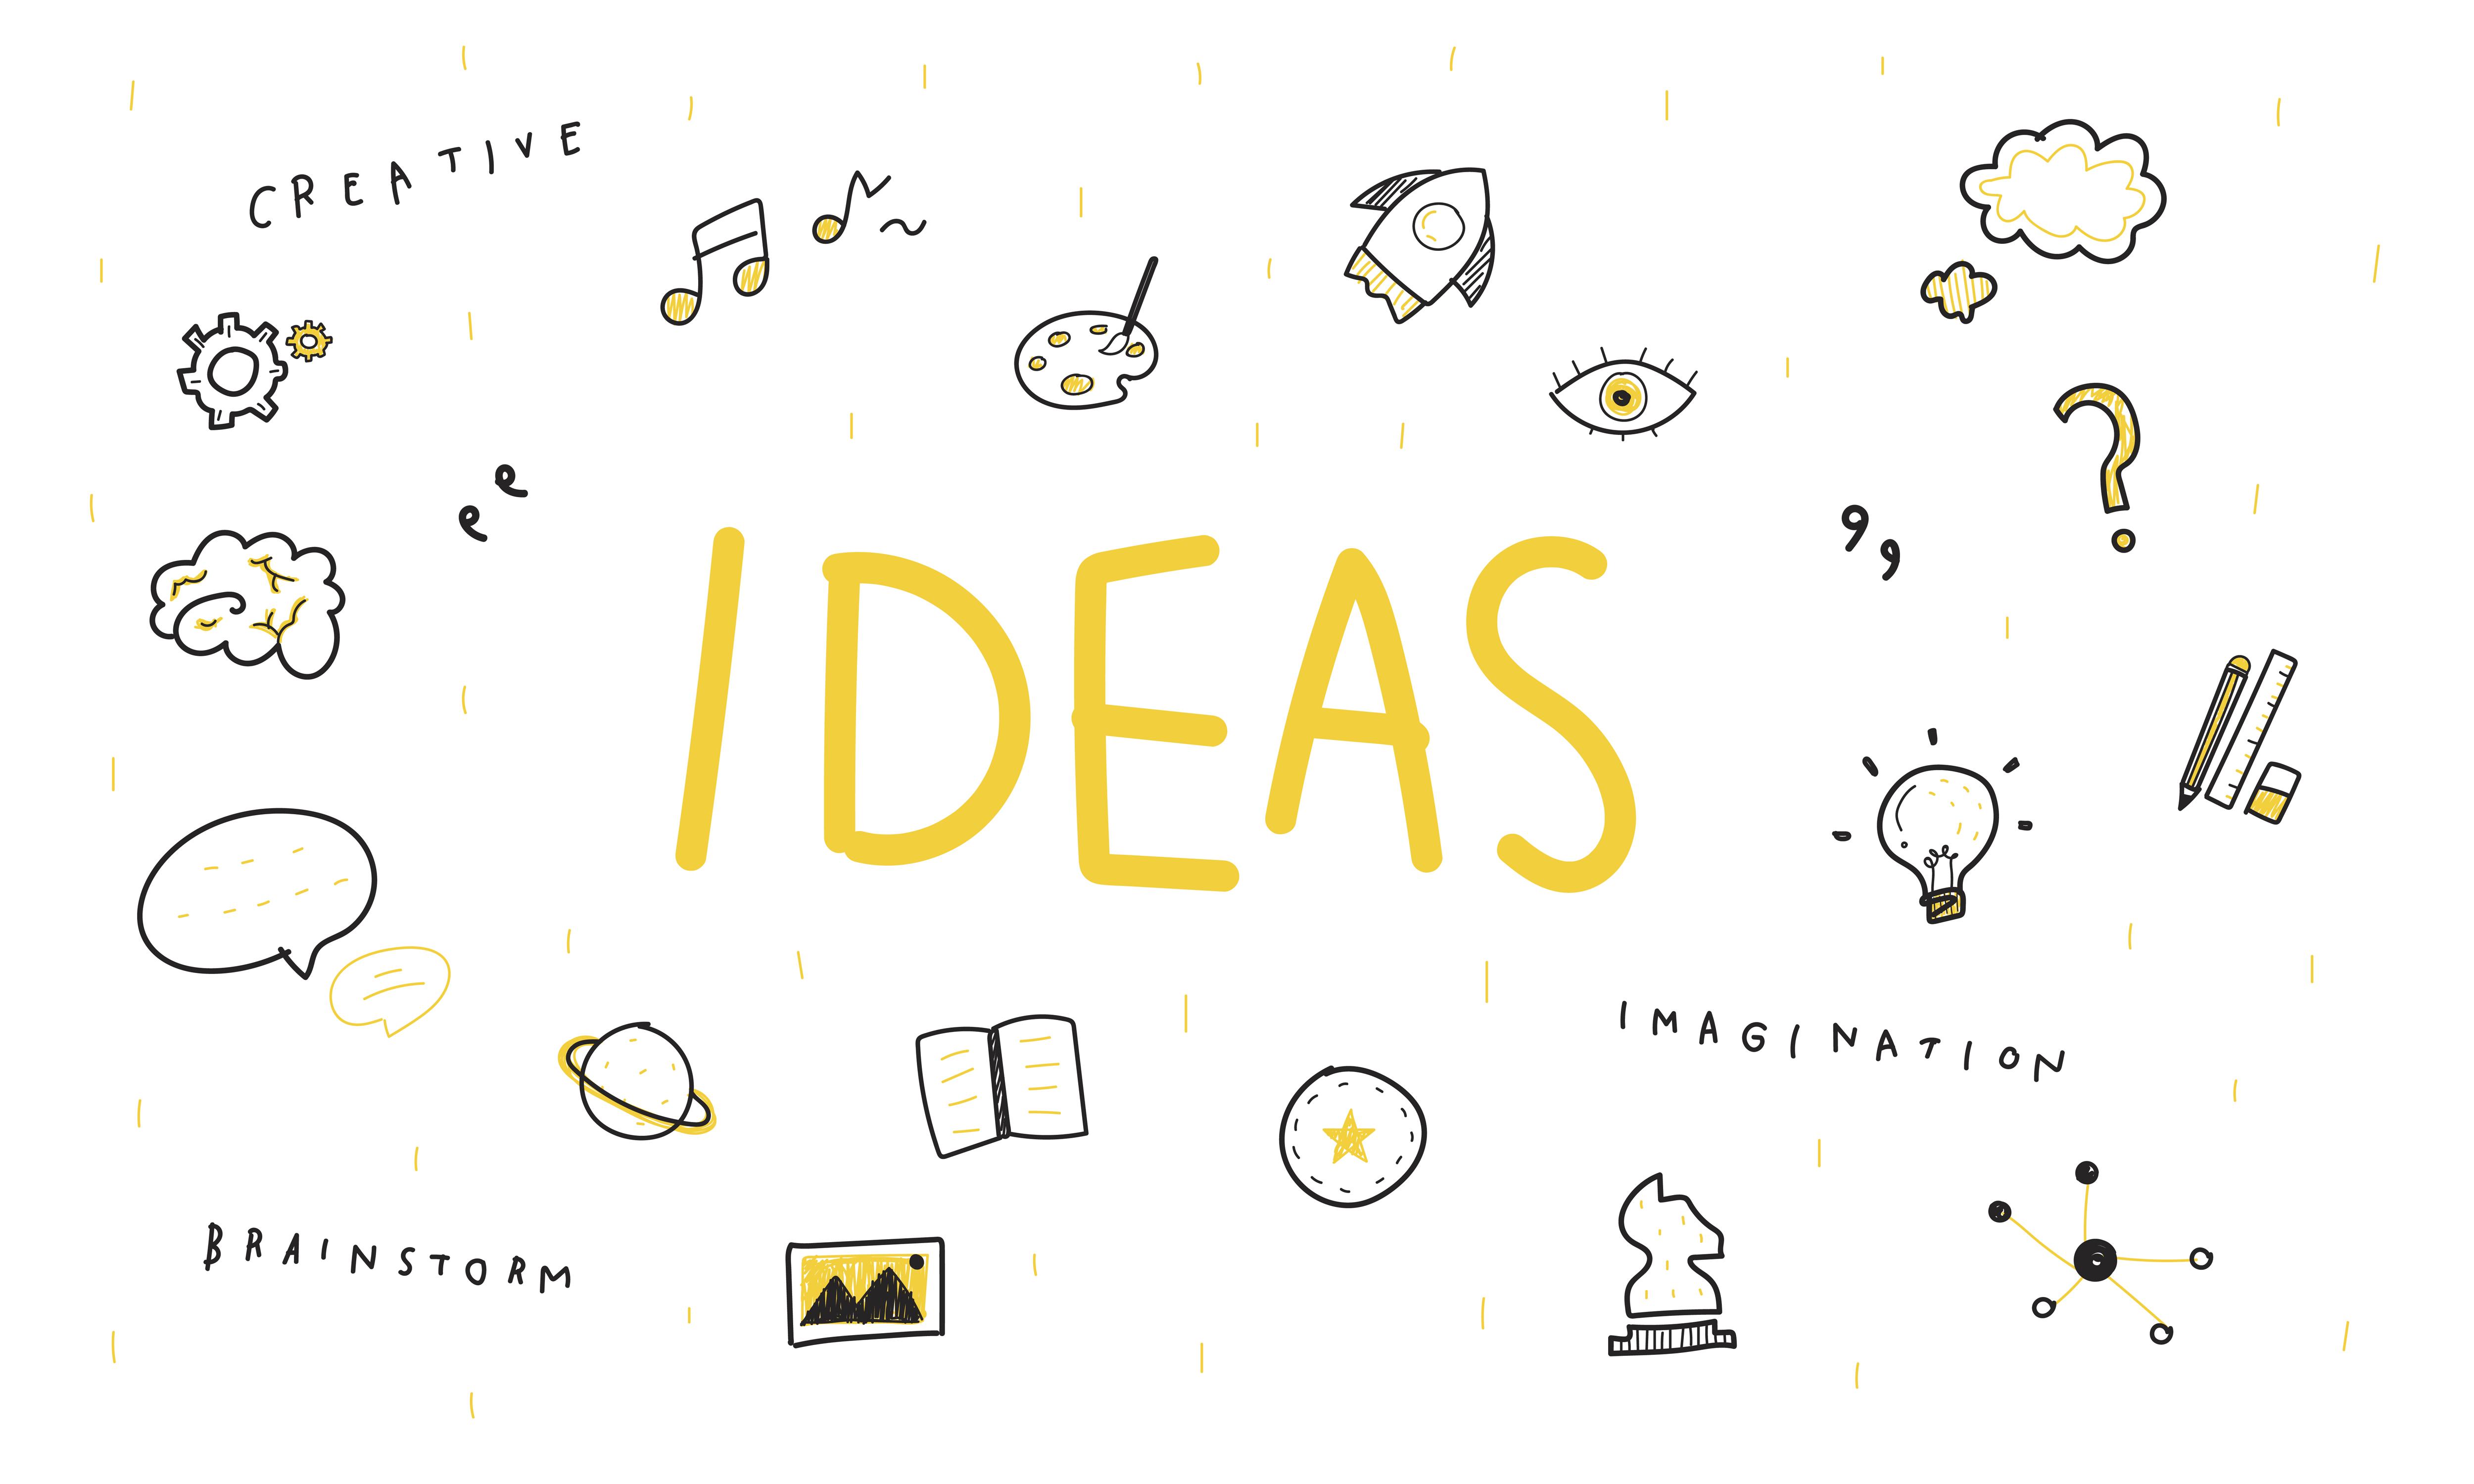 Idées critiques de pensée